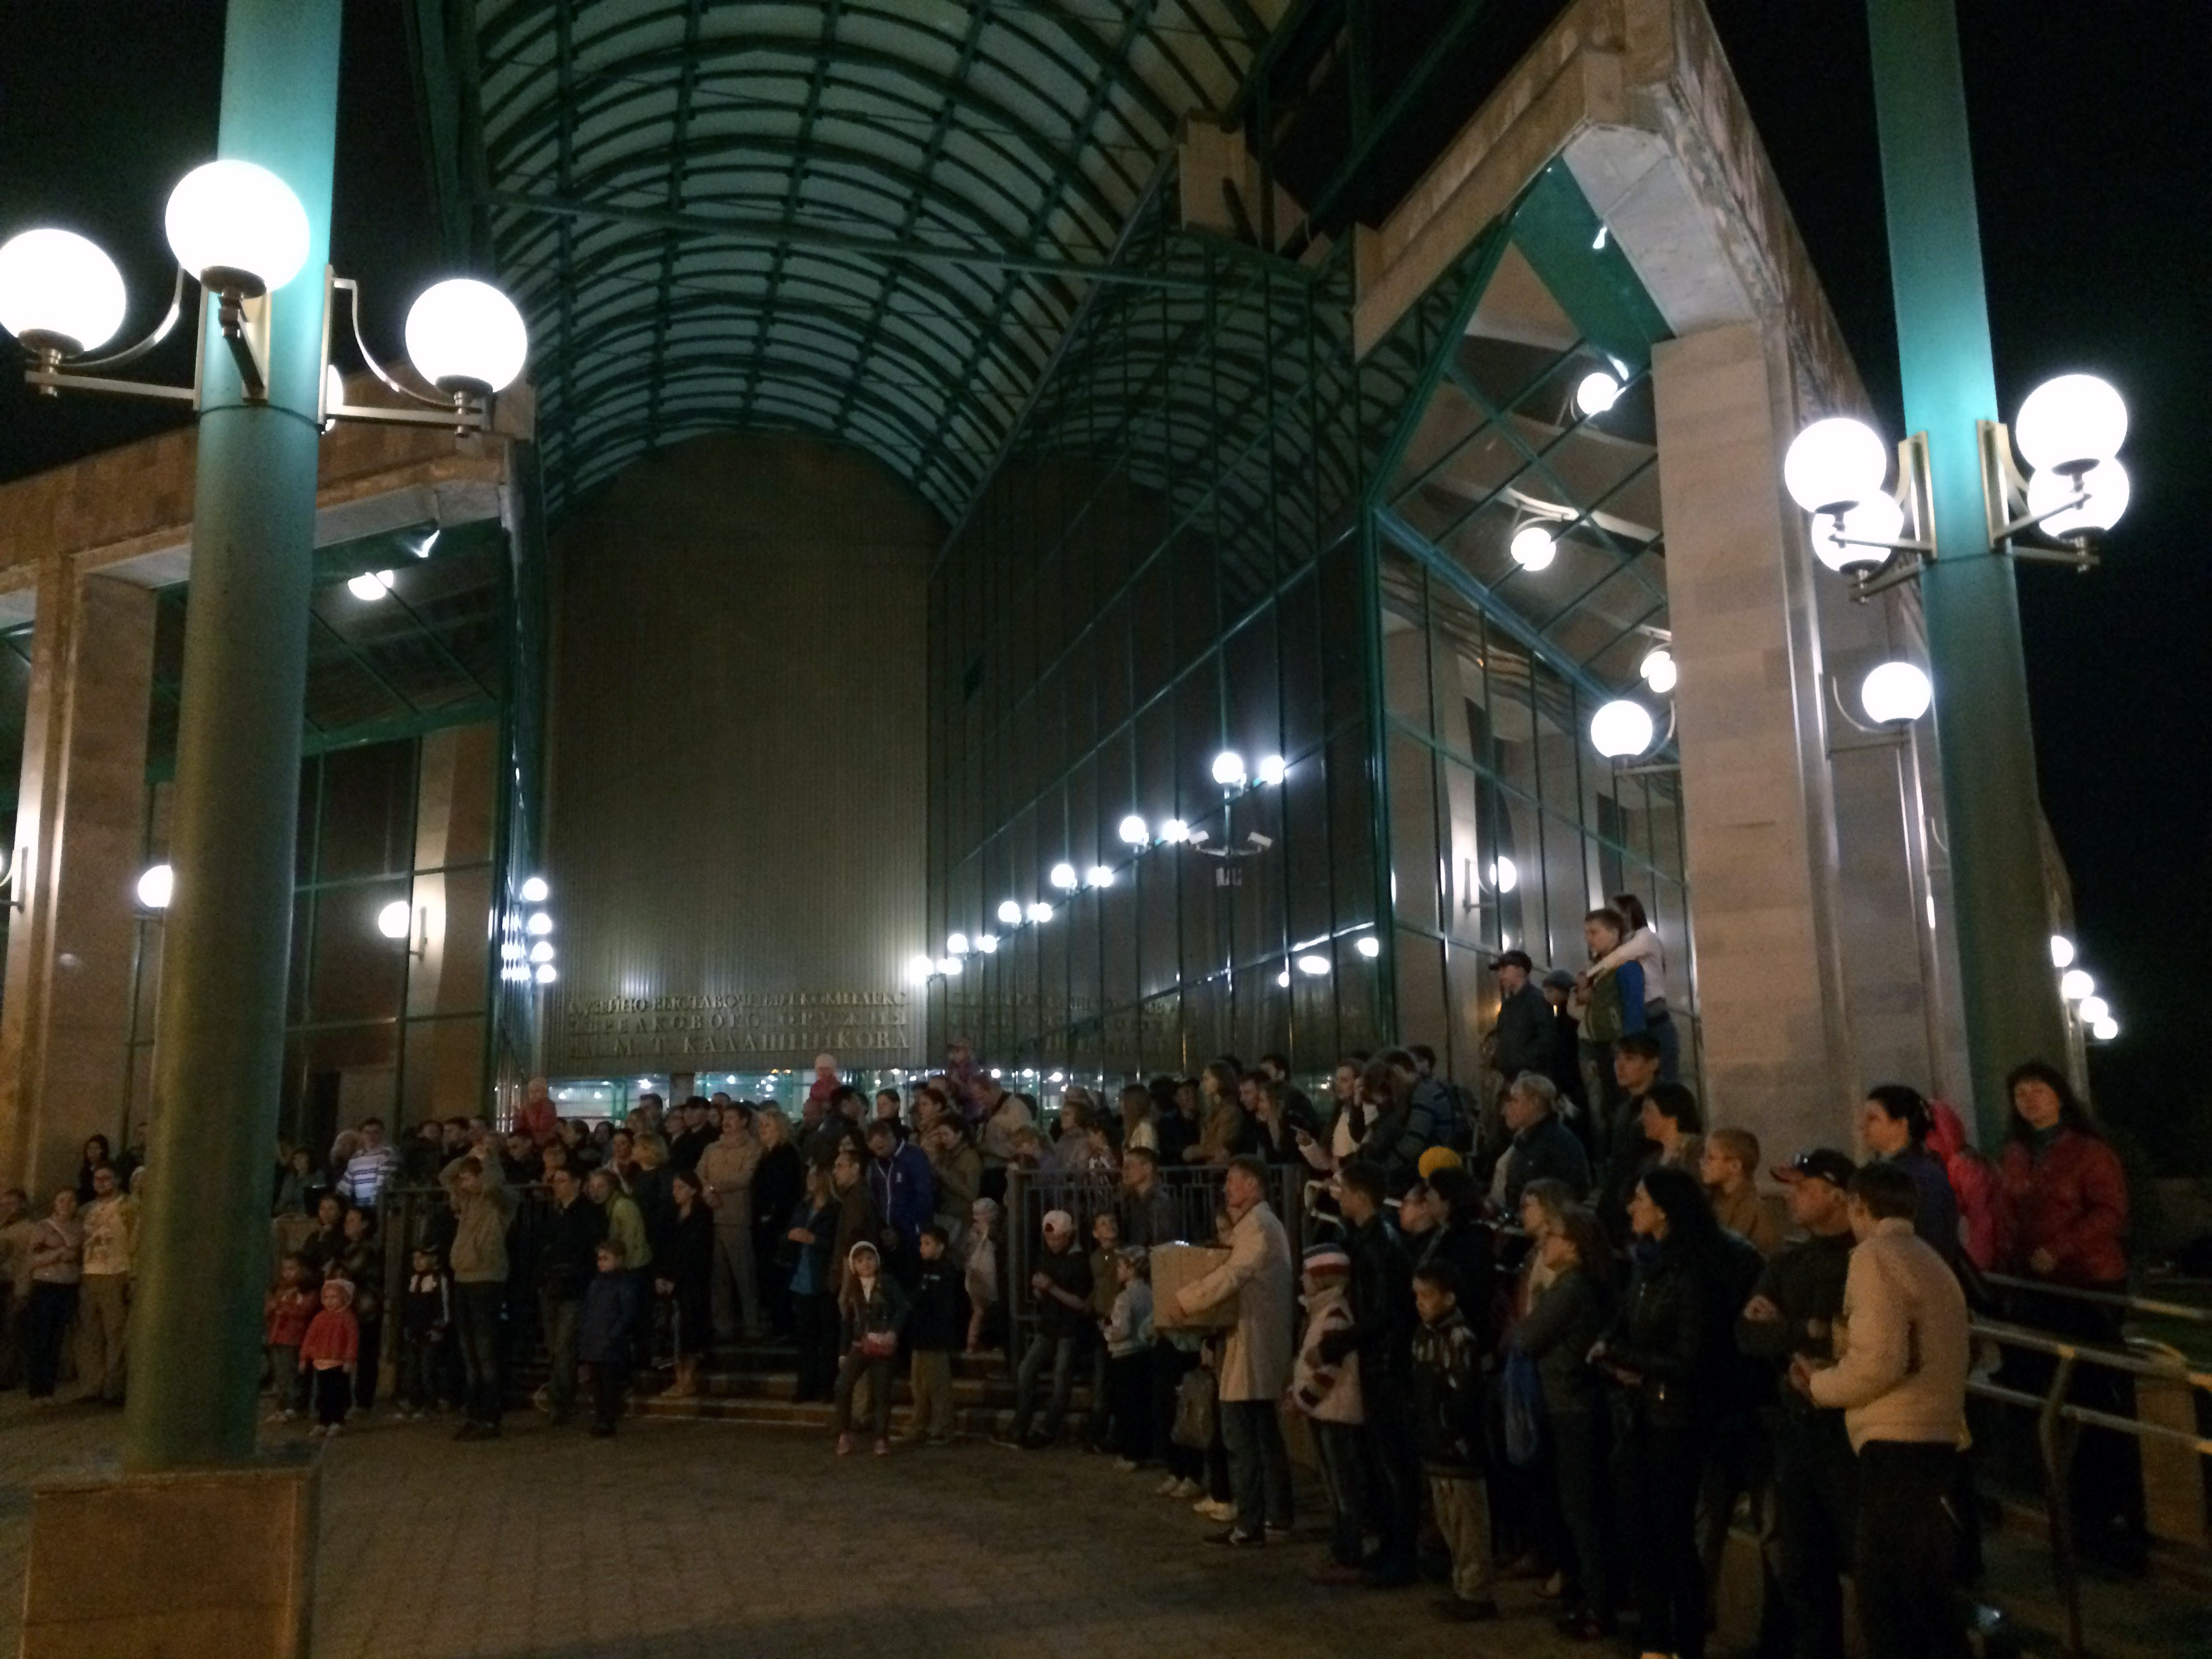 Жители в ожидании фейерверка. Фото ©День.org